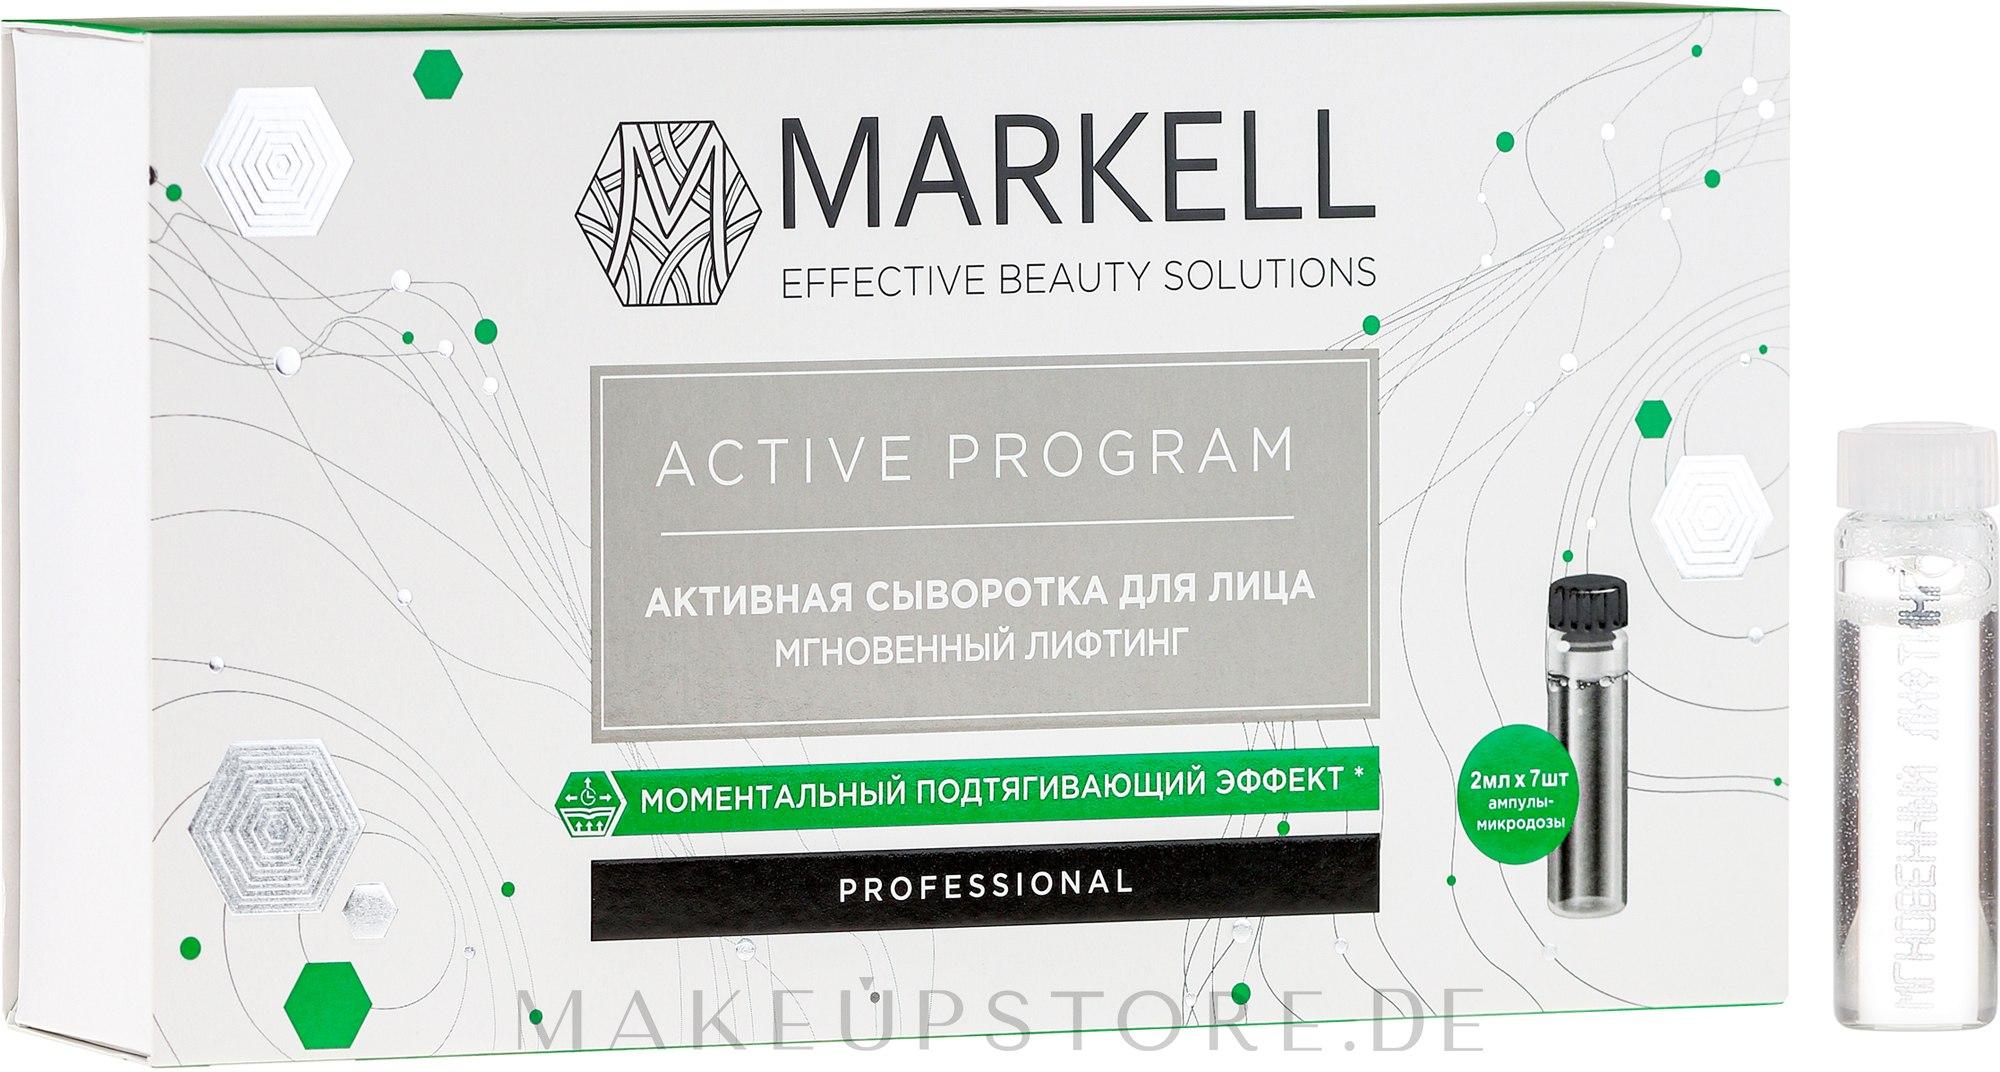 Aktives Gesichtsserum mit Lifting-Effekt - Markell Professional Active Program — Bild 7 x 2 ml